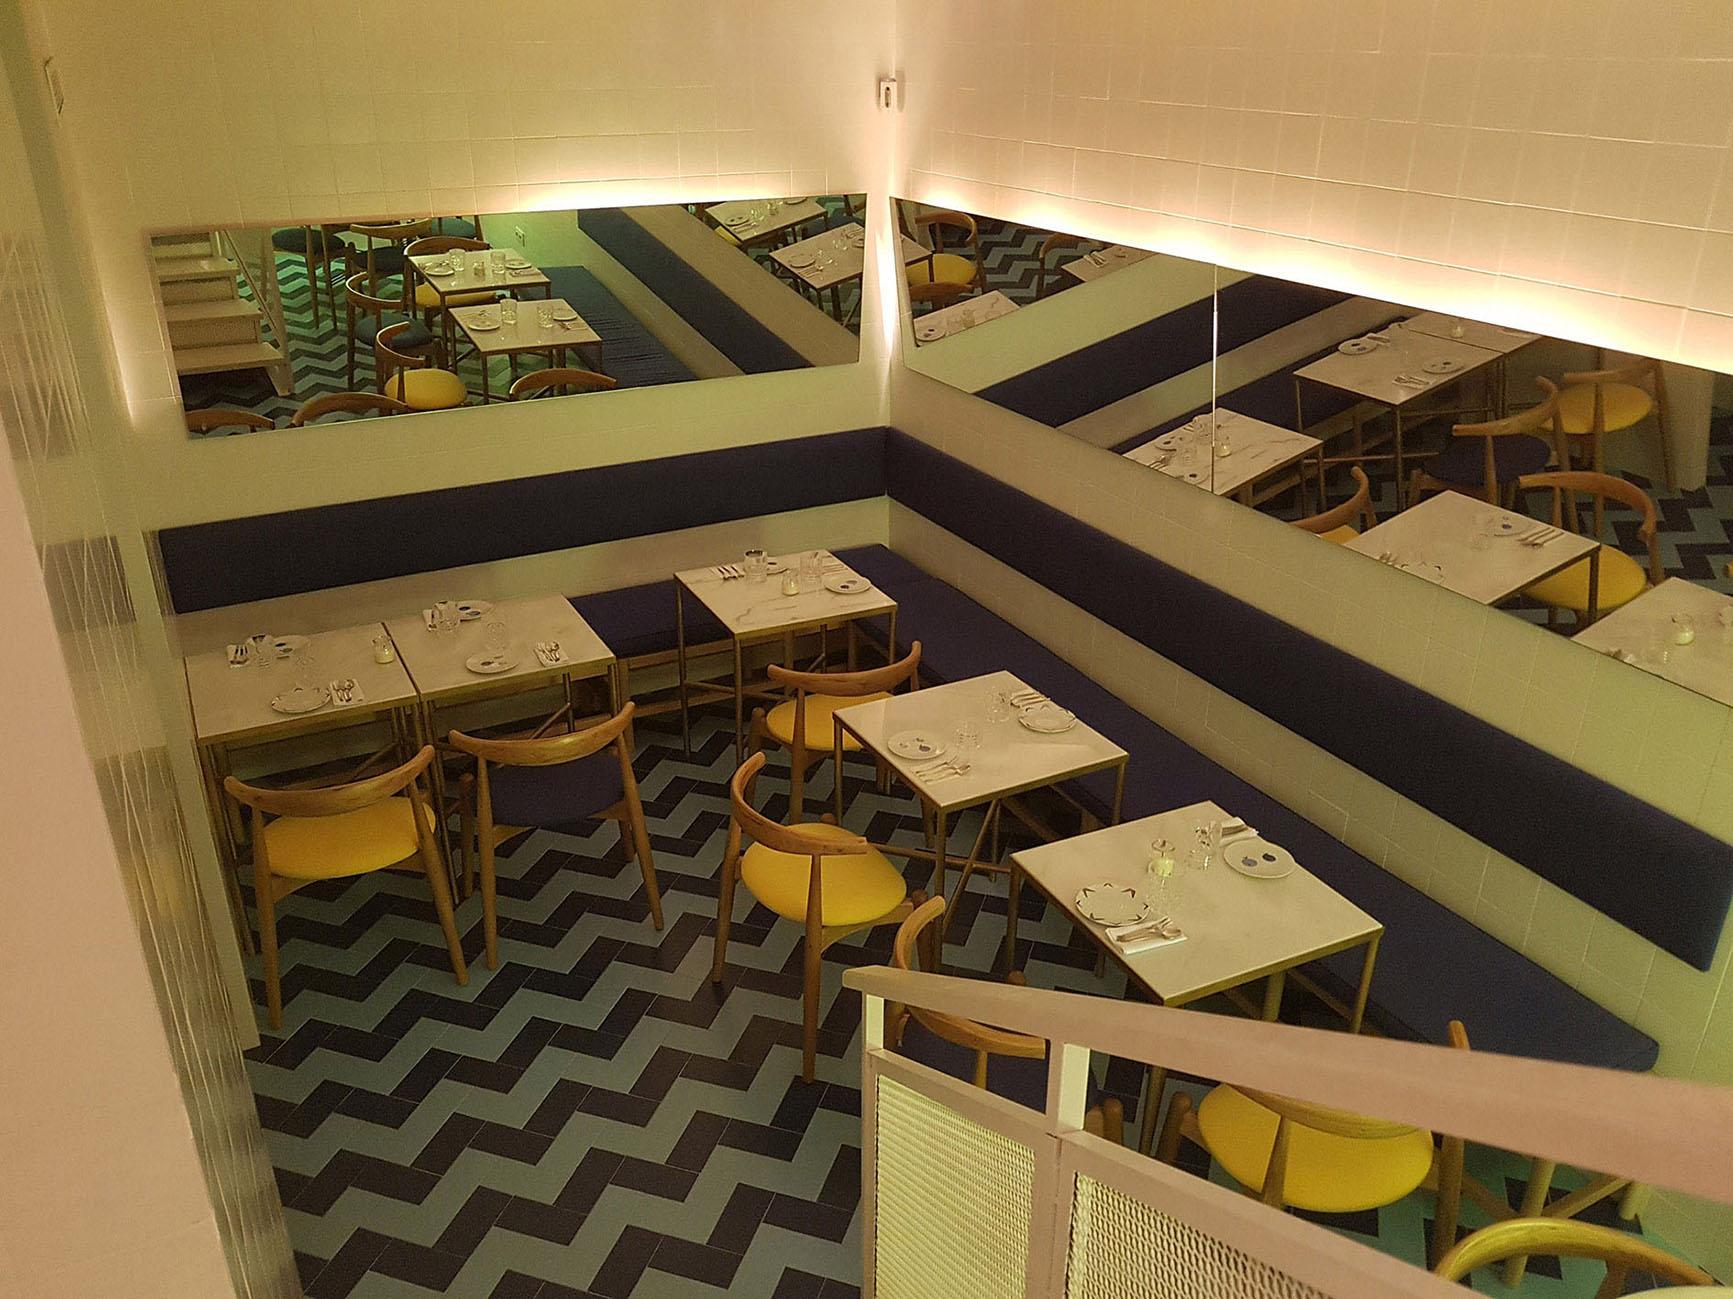 la-cebicheria-de-trafalgar-restaurante-proyectos-hosteleria-puesta-marcha-madrid-hosteleria-mobiliario-diseño-cocinas-decoracion-comedor